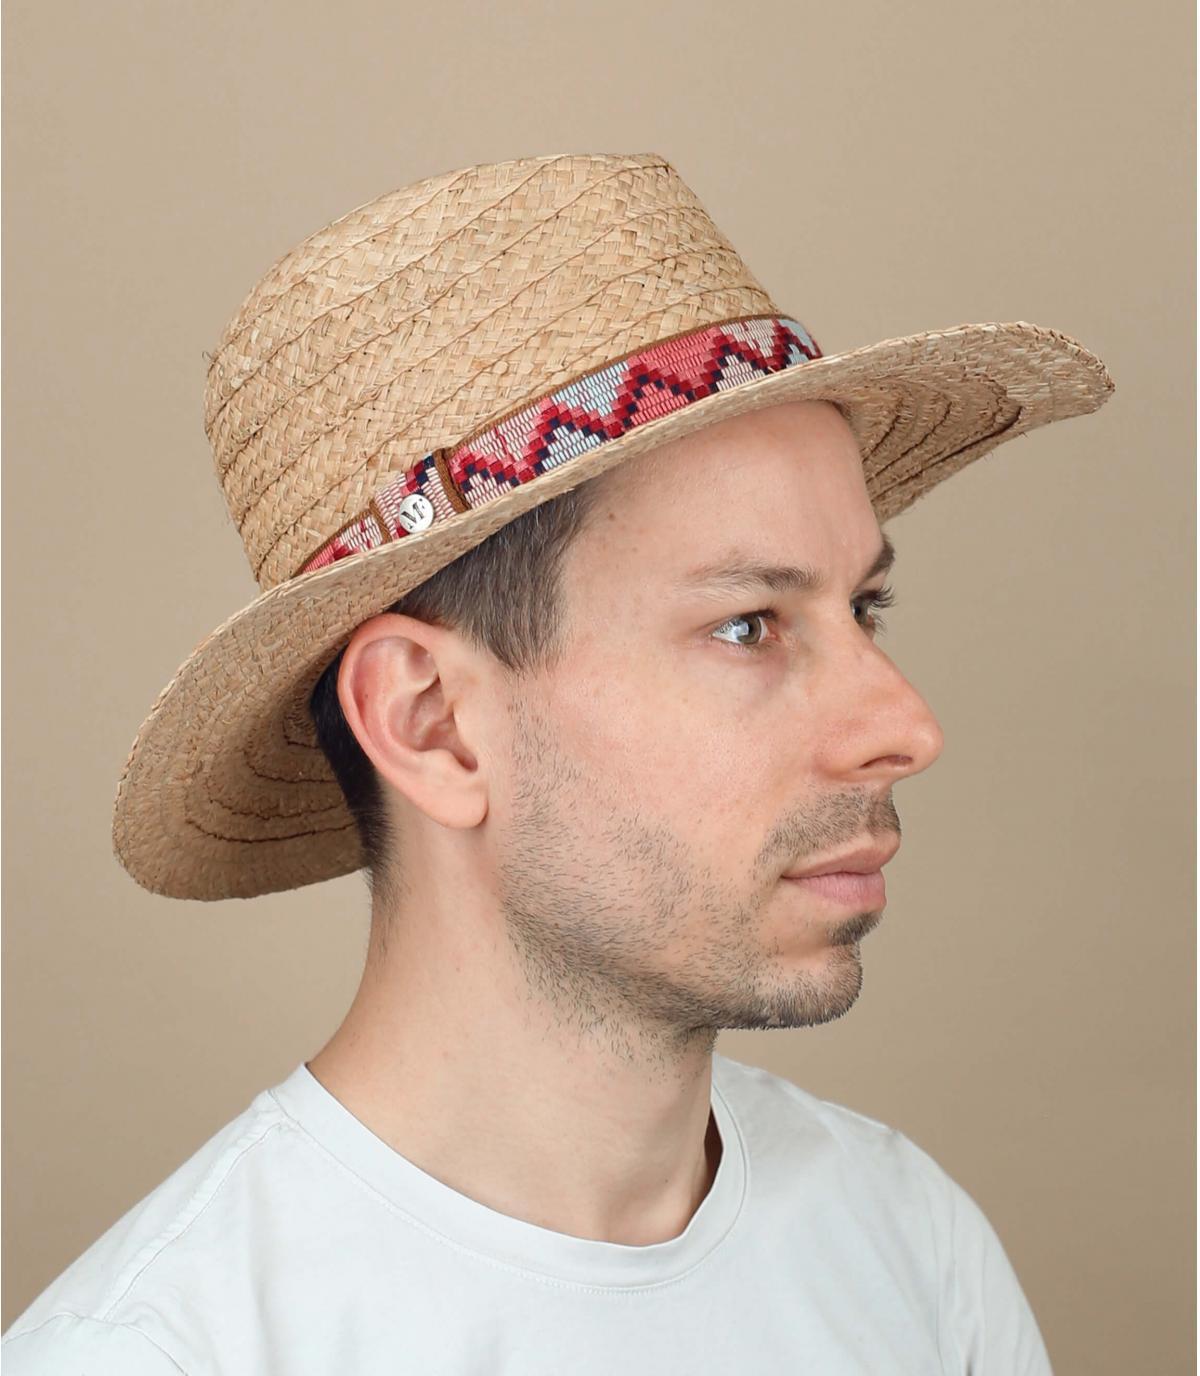 gevlochten strooien hoed patroon